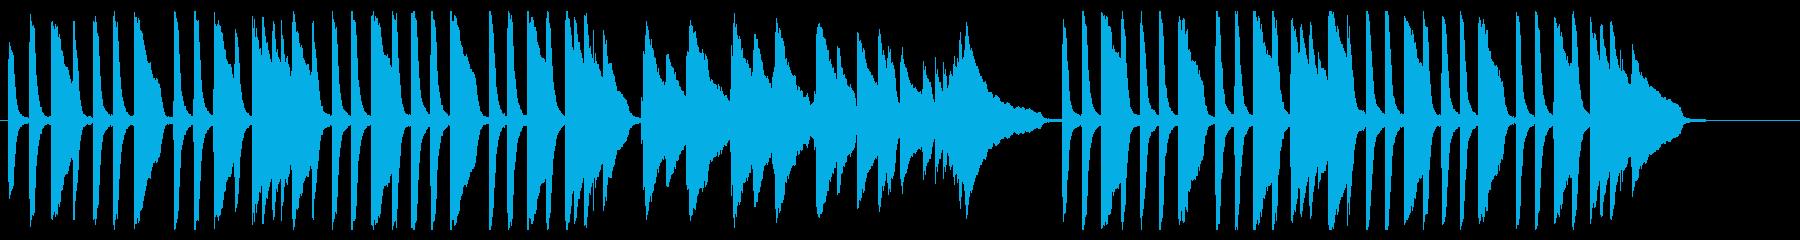 アマリリス ピアノver.の再生済みの波形